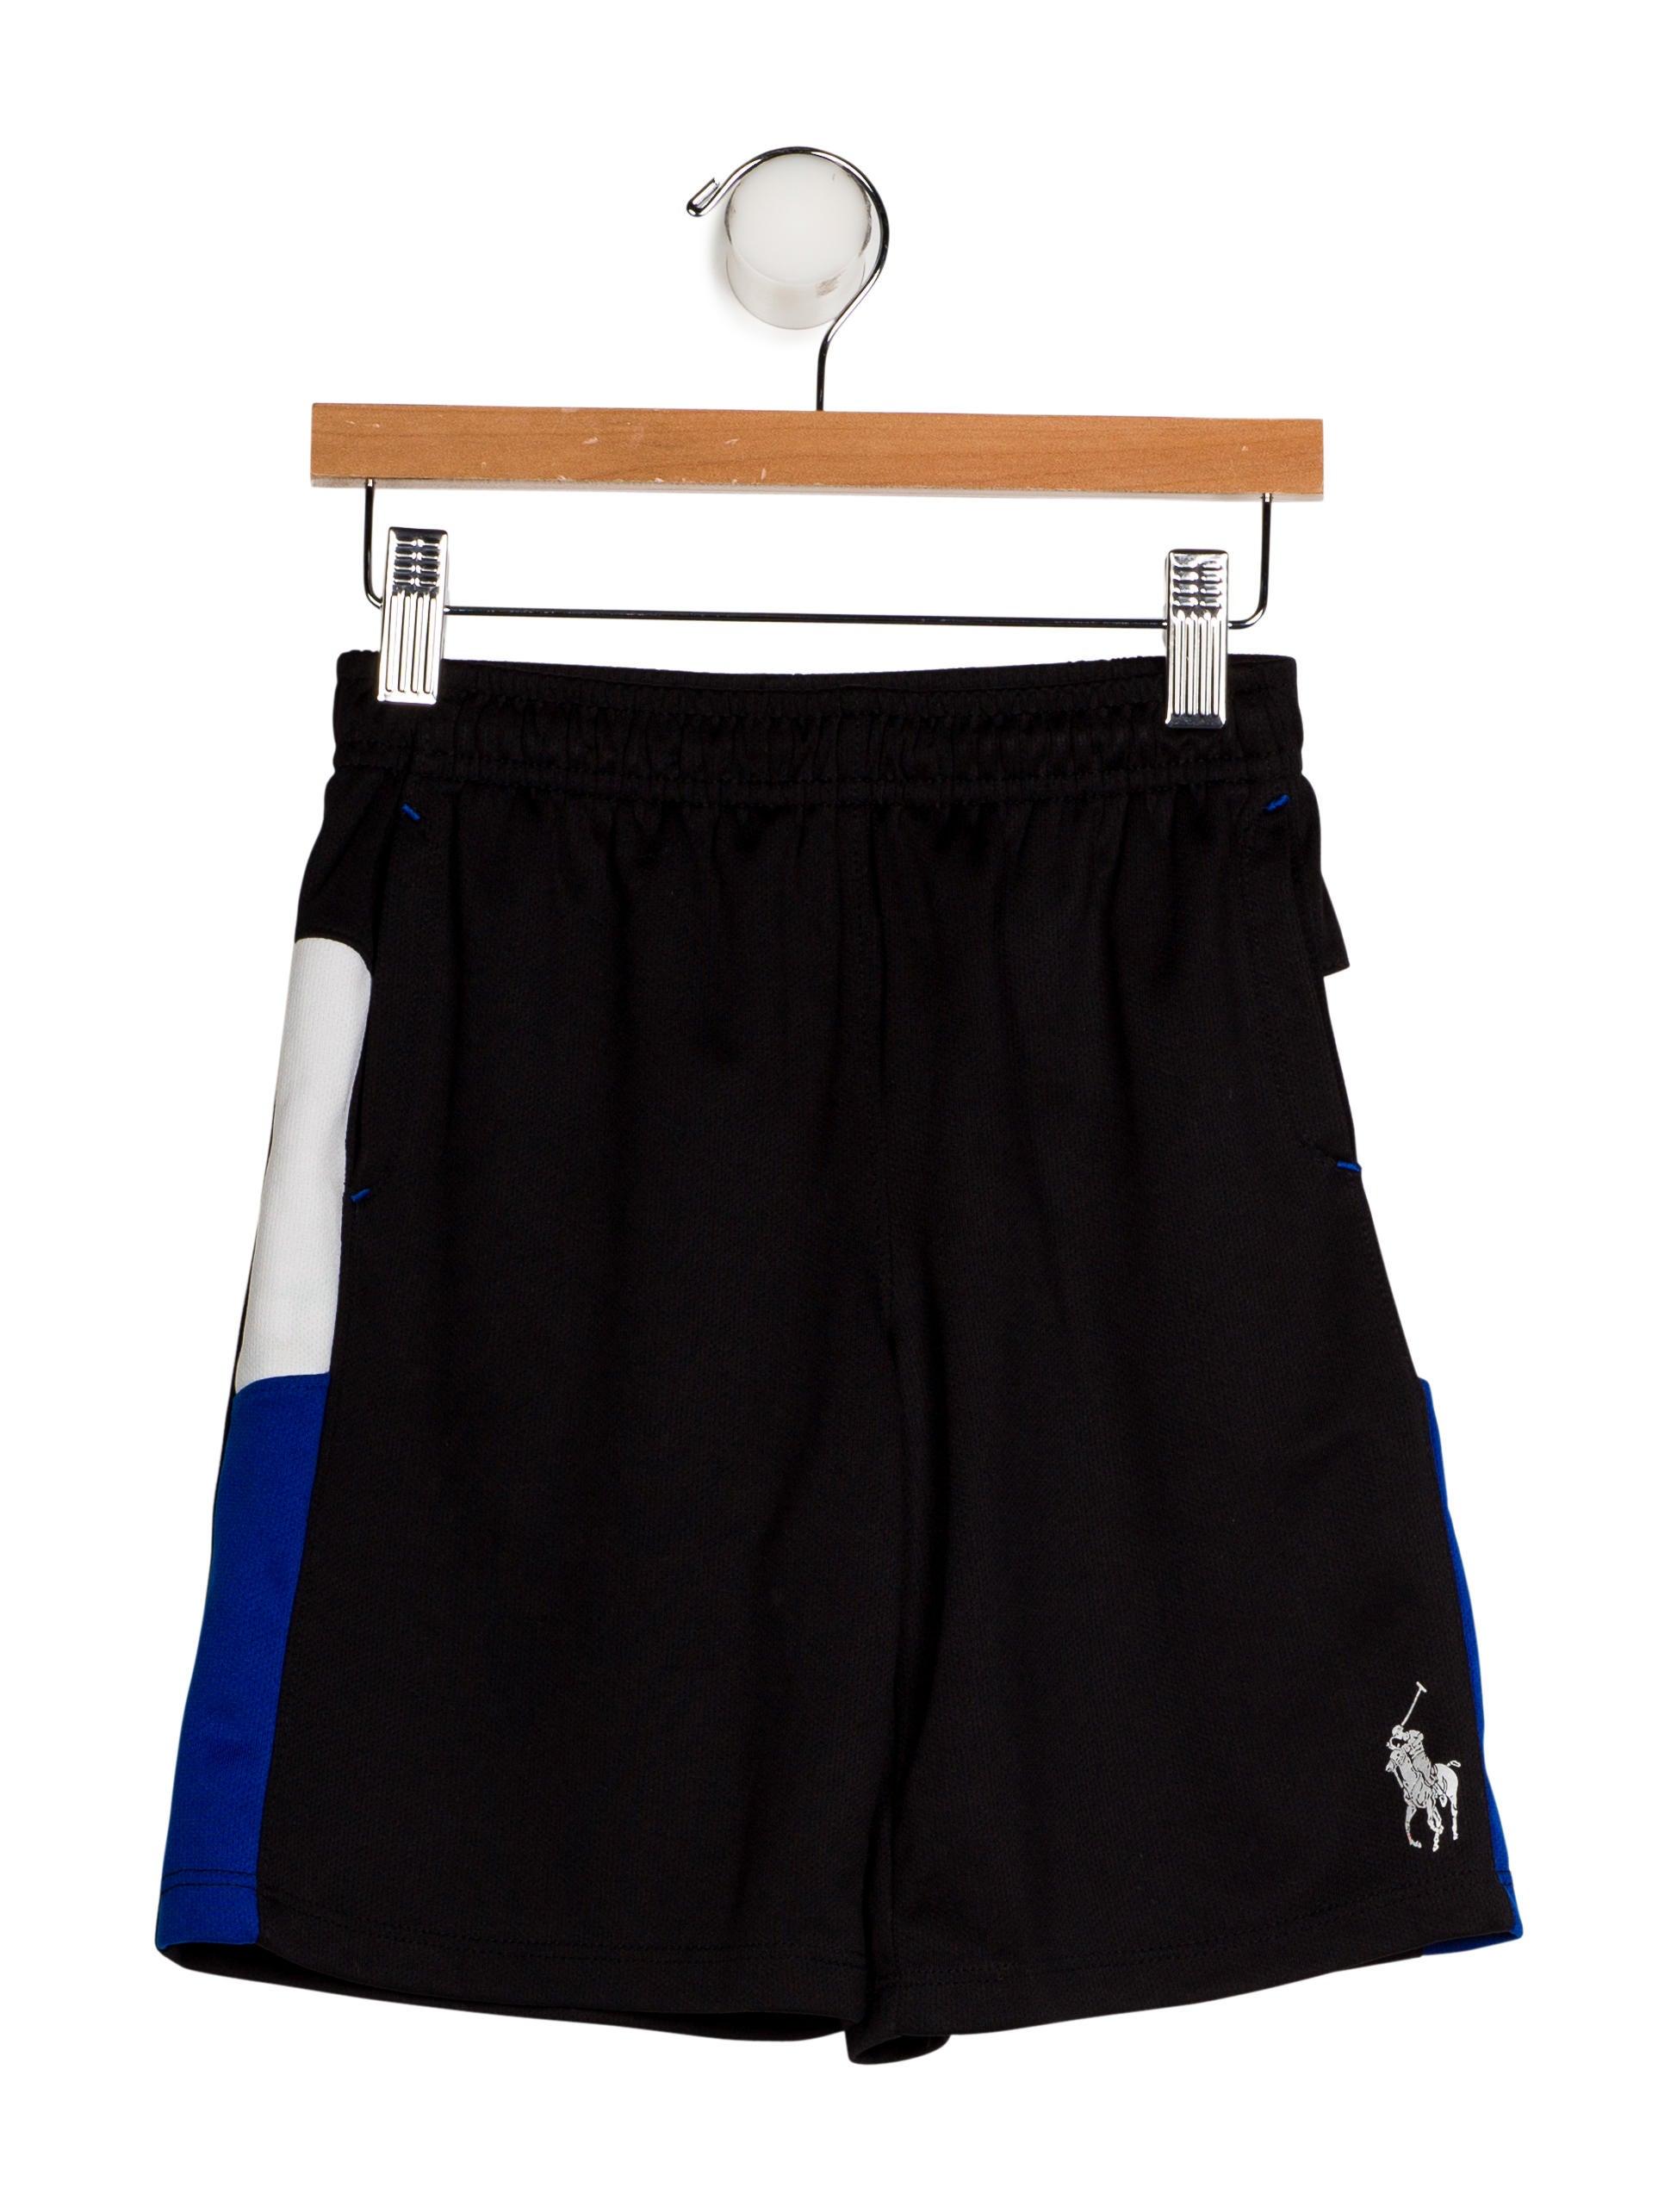 0ff057e7a ... new style polo ralph lauren boys basketball shorts. boys basketball  shorts 8f9f6 71a7a